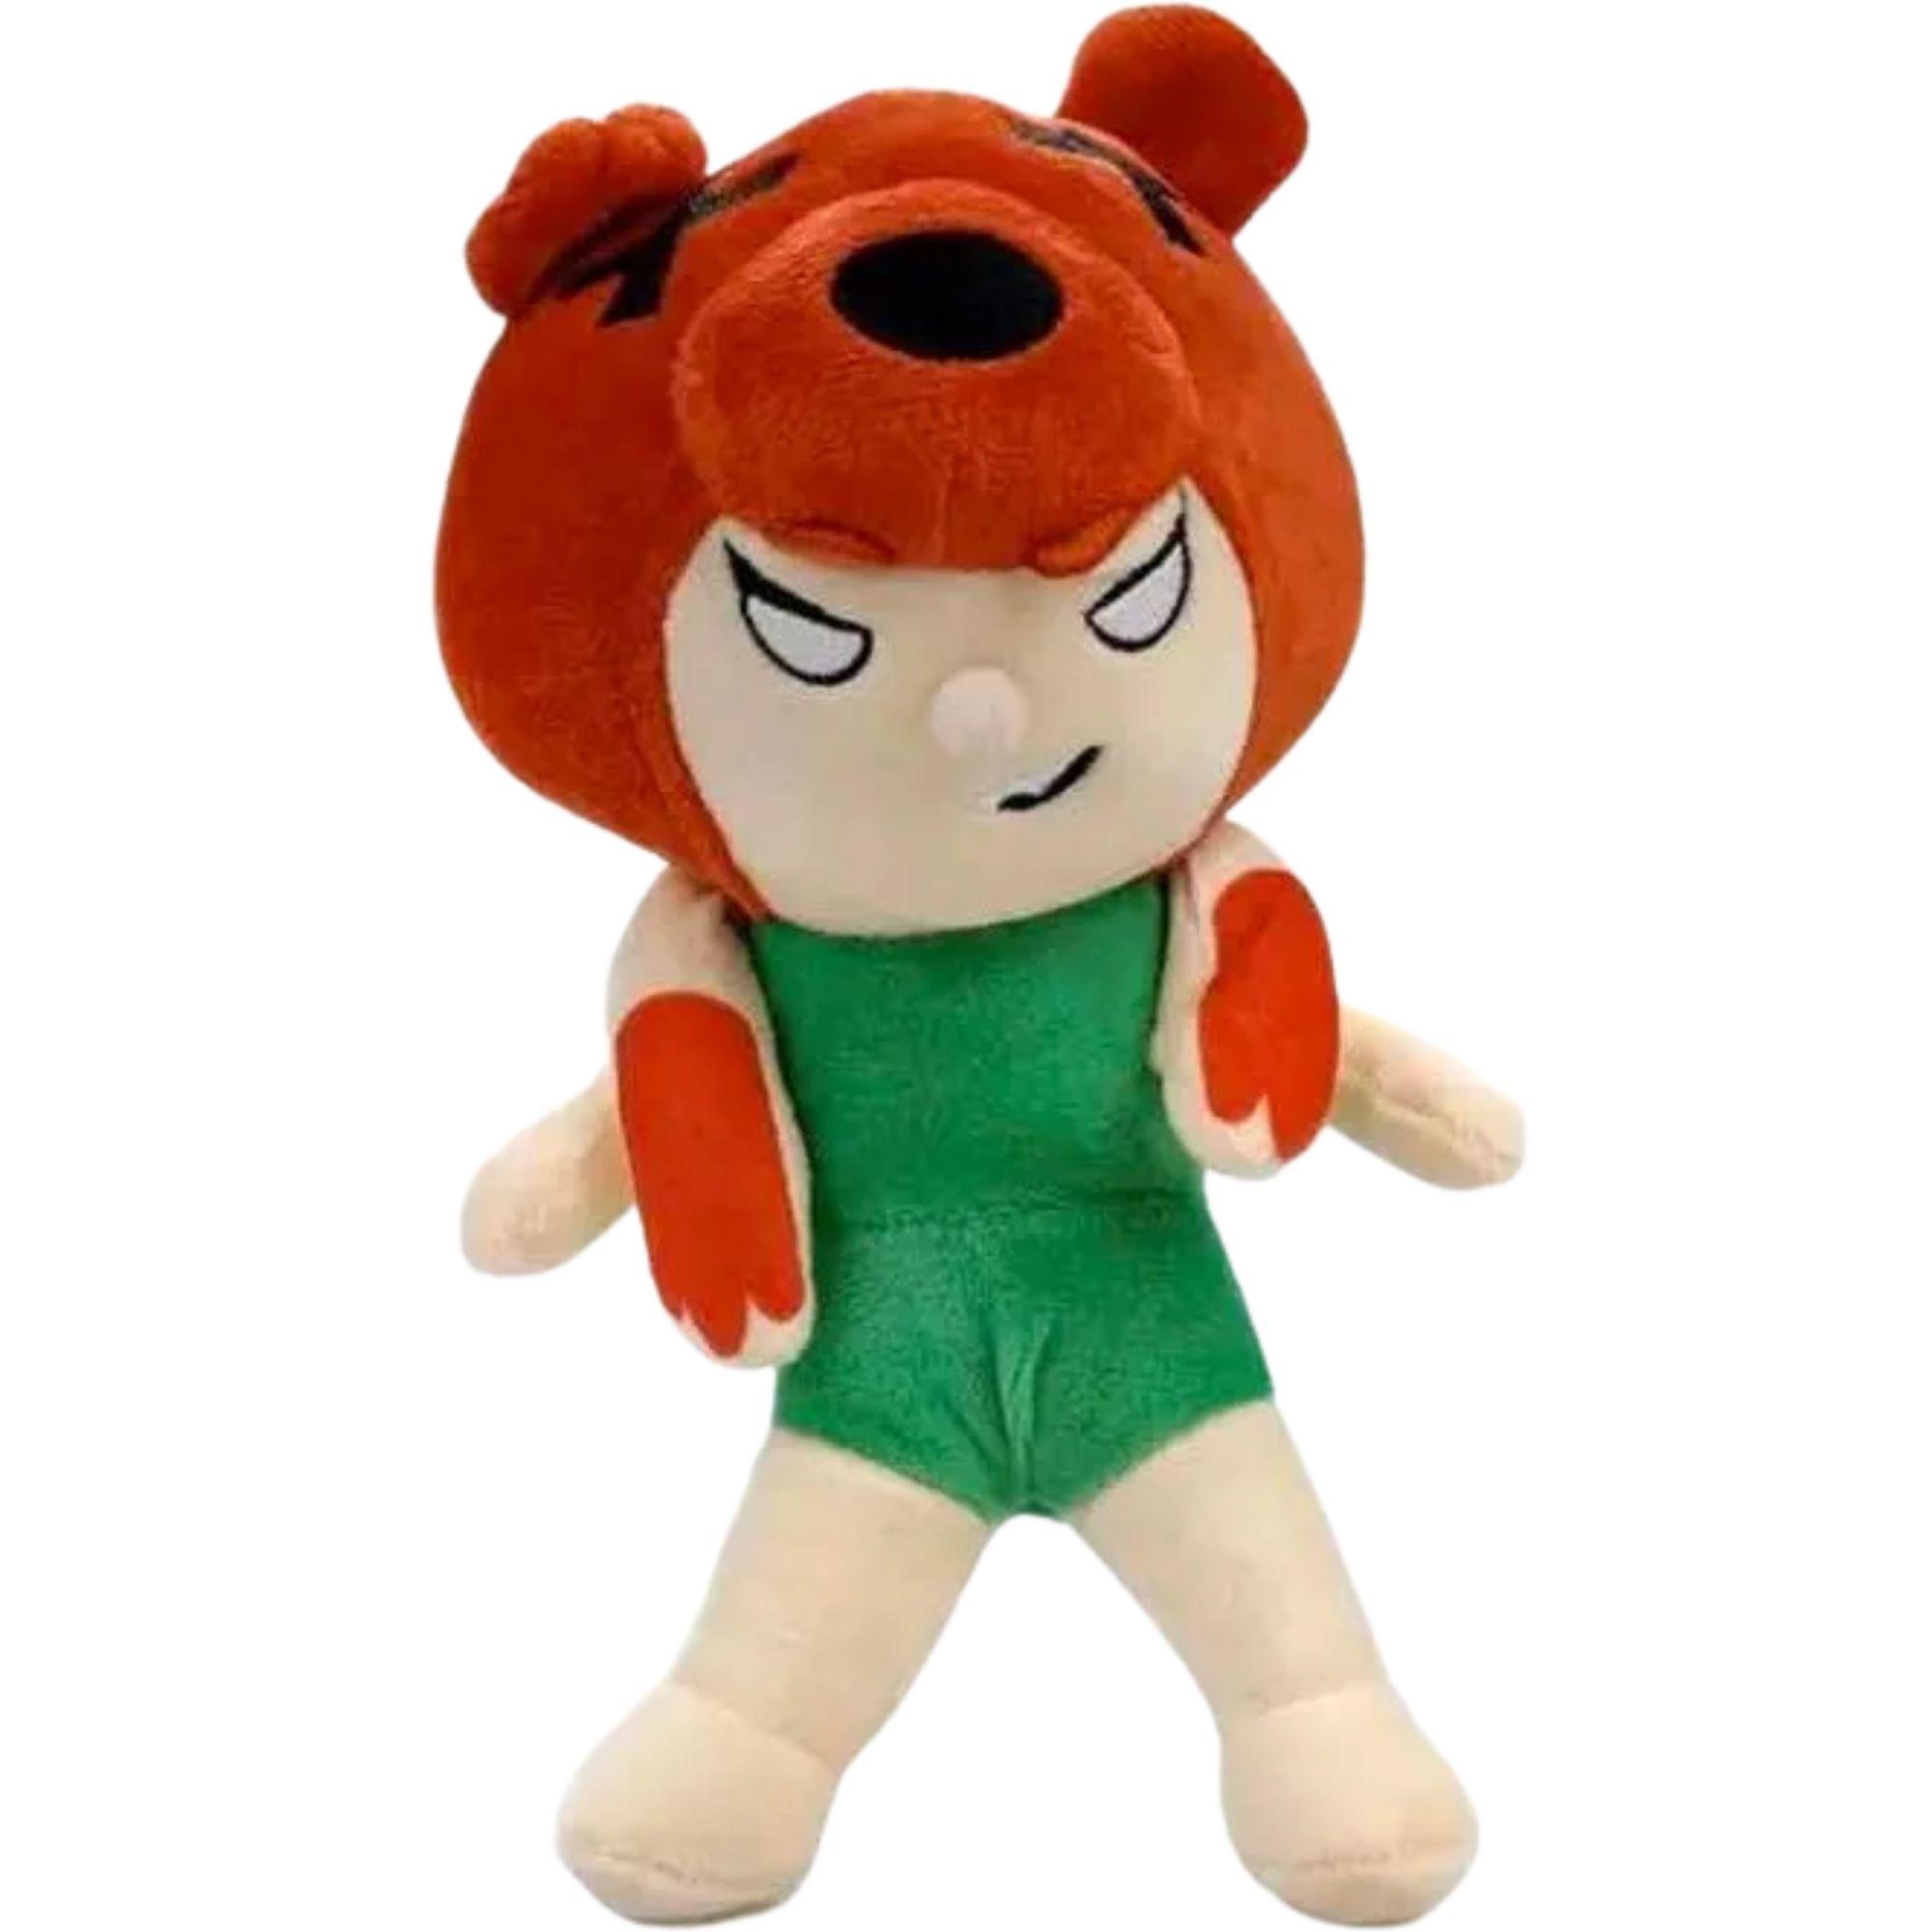 Bicho de Pelúcia Nita Jogo Brawl Stars   - Game Land Brinquedos